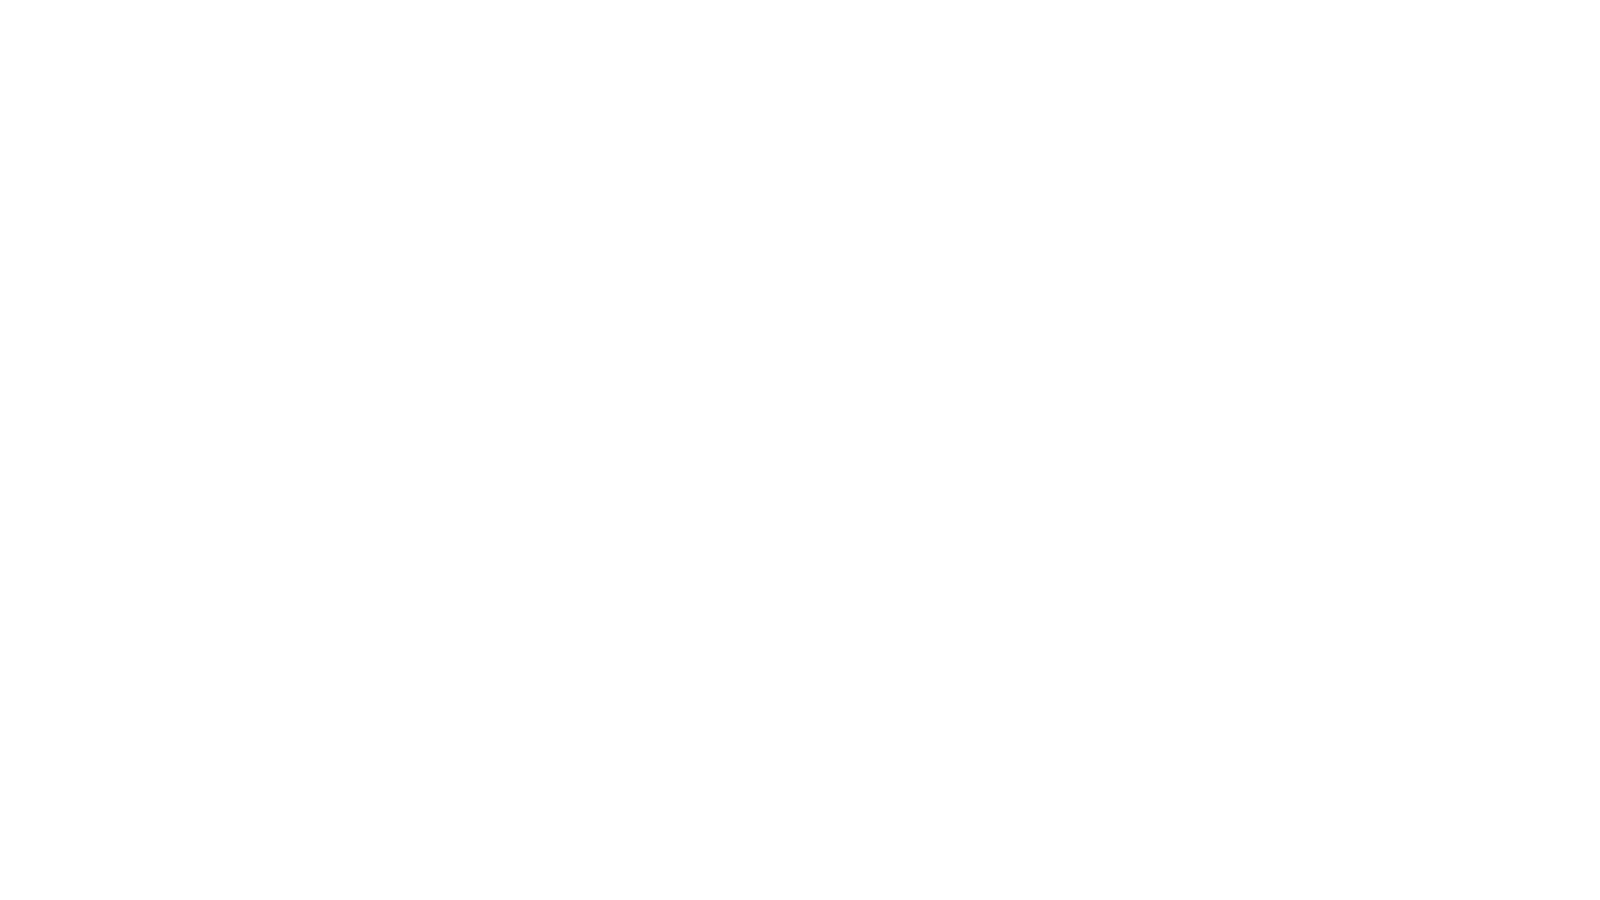 """En el bicentenario de la bodega, se renueva el acuerdo como patrocinador oficial en donde seguirá figurando, en las camisetas del primer equipo, """"Manzanilla Solear"""".  De cara a la ilusionante temporada que el club verdiblanco va a afrontar, no podía faltarle su compañero de viaje que le ha seguido durante 28 años, Bodegas Barbadillo, un símbolo de Sanlúcar, que este año conmemora su 200 aniversario, seguirá de la mano de otro símbolo de Sanlúcar, el Atlético Sanluqueño.  De esta forma, el Atlético Sanluqueño ha llegado a un acuerdo de renovación del patrocinio con Bodegas Barbadillo, por lo que seguirá siendo el patrocinador oficial del club verdiblanco una temporada más. Como años atrás, en el pecho de las camisetas del primer equipo seguirá luciendo Manzanilla Solear, como no podía ser de otra forma, el Atlético Sanluqueño llevará el nombre de su manzanilla por bandera por gran parte del territorio nacional, siendo para el club verdiblanco un orgullo lucir este nombre.  Esther Gutiérrez (Directora de Marketing y Comunicación de Bodegas Barbadillo) comentó: """"Para Bodegas Barbadillo es un orgullo continuar, en este año tan relevante para nosotros en el que conmemoramos nuestro bicentenario, con un patrocinio tan significativo de apoyo al equipo local y las raíces sanluqueñas""""   Miguel González Saborido (Presidente del Atlético Sanluqueño) apostilló: """"creemos que la cultura del vino y el deporte comparten valores y compromisos, en especial con el apoyo a esta competición tan exigente y tan difícil como es en la que participa nuestro equipo"""".  El Atlético Sanluqueño agradece a Bodegas Barbadillo estos 28 años y espera que esta relación siga alargándose en el tiempo. Para el Atlético Sanluqueño es un orgullo llevar esta temporada el nombre de Manzanilla Solear por las ciudades más importantes de España, dando a conocer aún más si cabe a Sanlúcar y a su manzanilla.  SUSCRÍBETE a nuestro canal 💚⚽️ https://www.youtube.com/c/atcosanluqueno  SÍGUENOS en: 👇 Twitter https://t"""